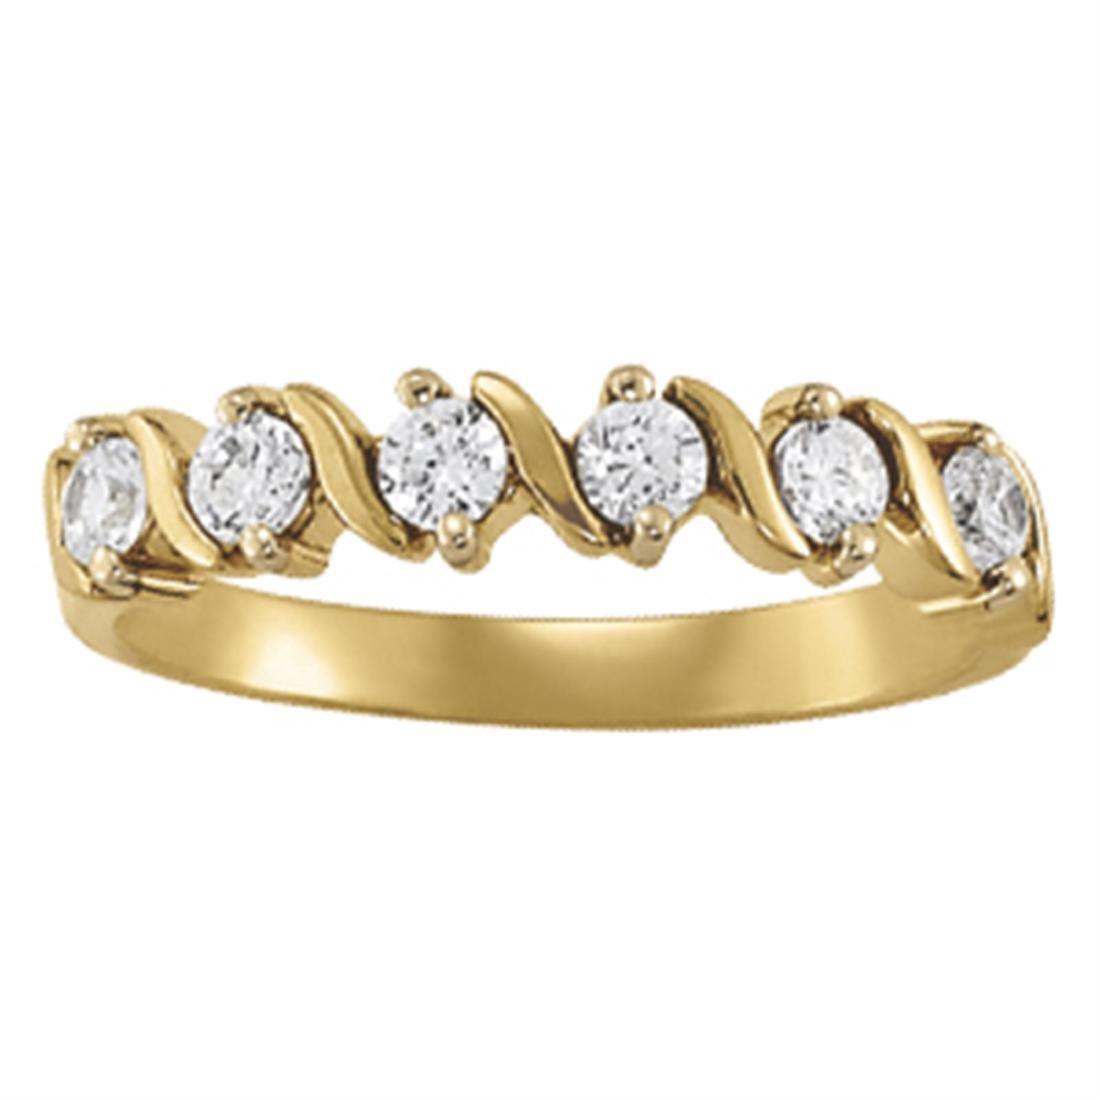 14kt gold 2.45 gram Wedding Bands/S Bands